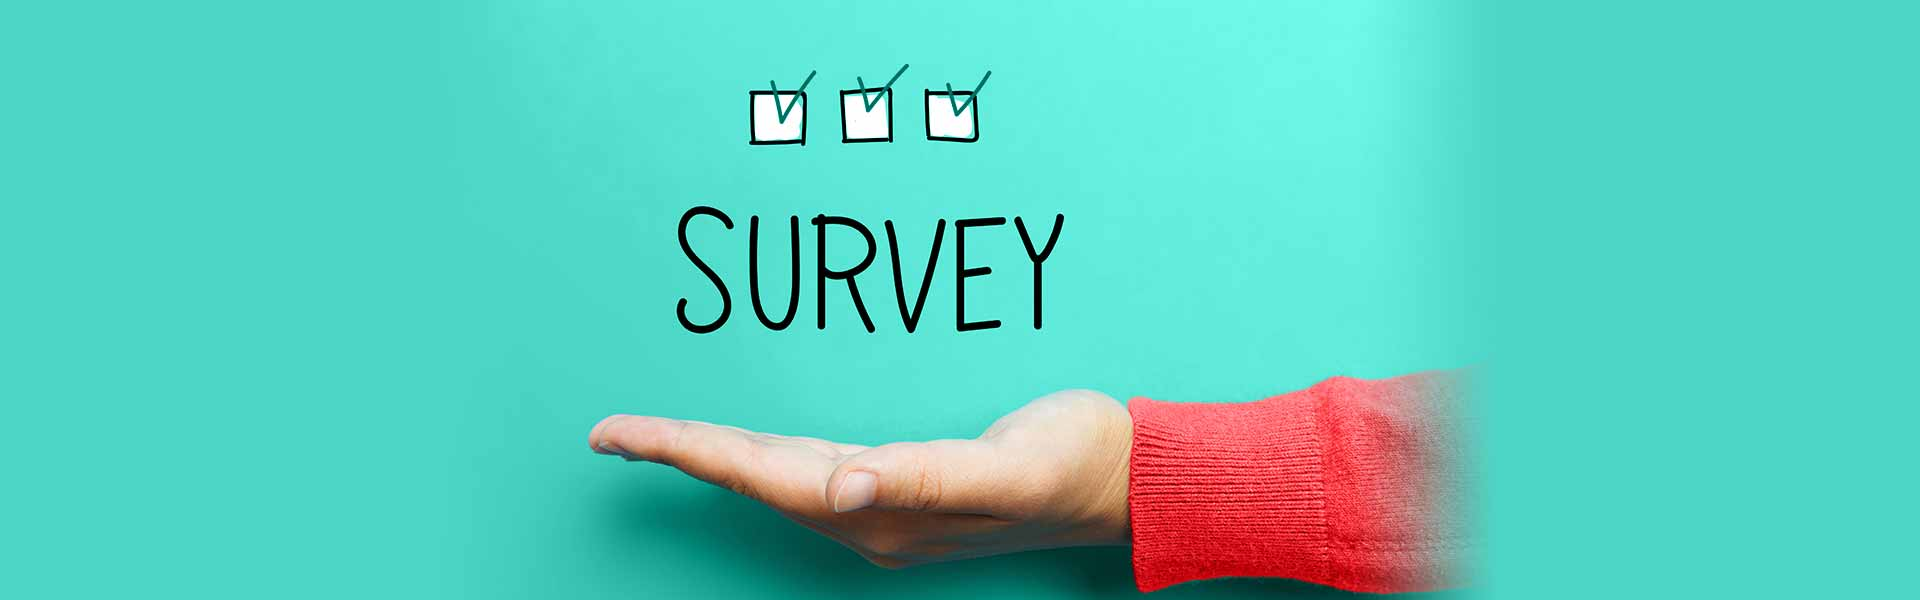 TopGraphics-Survey